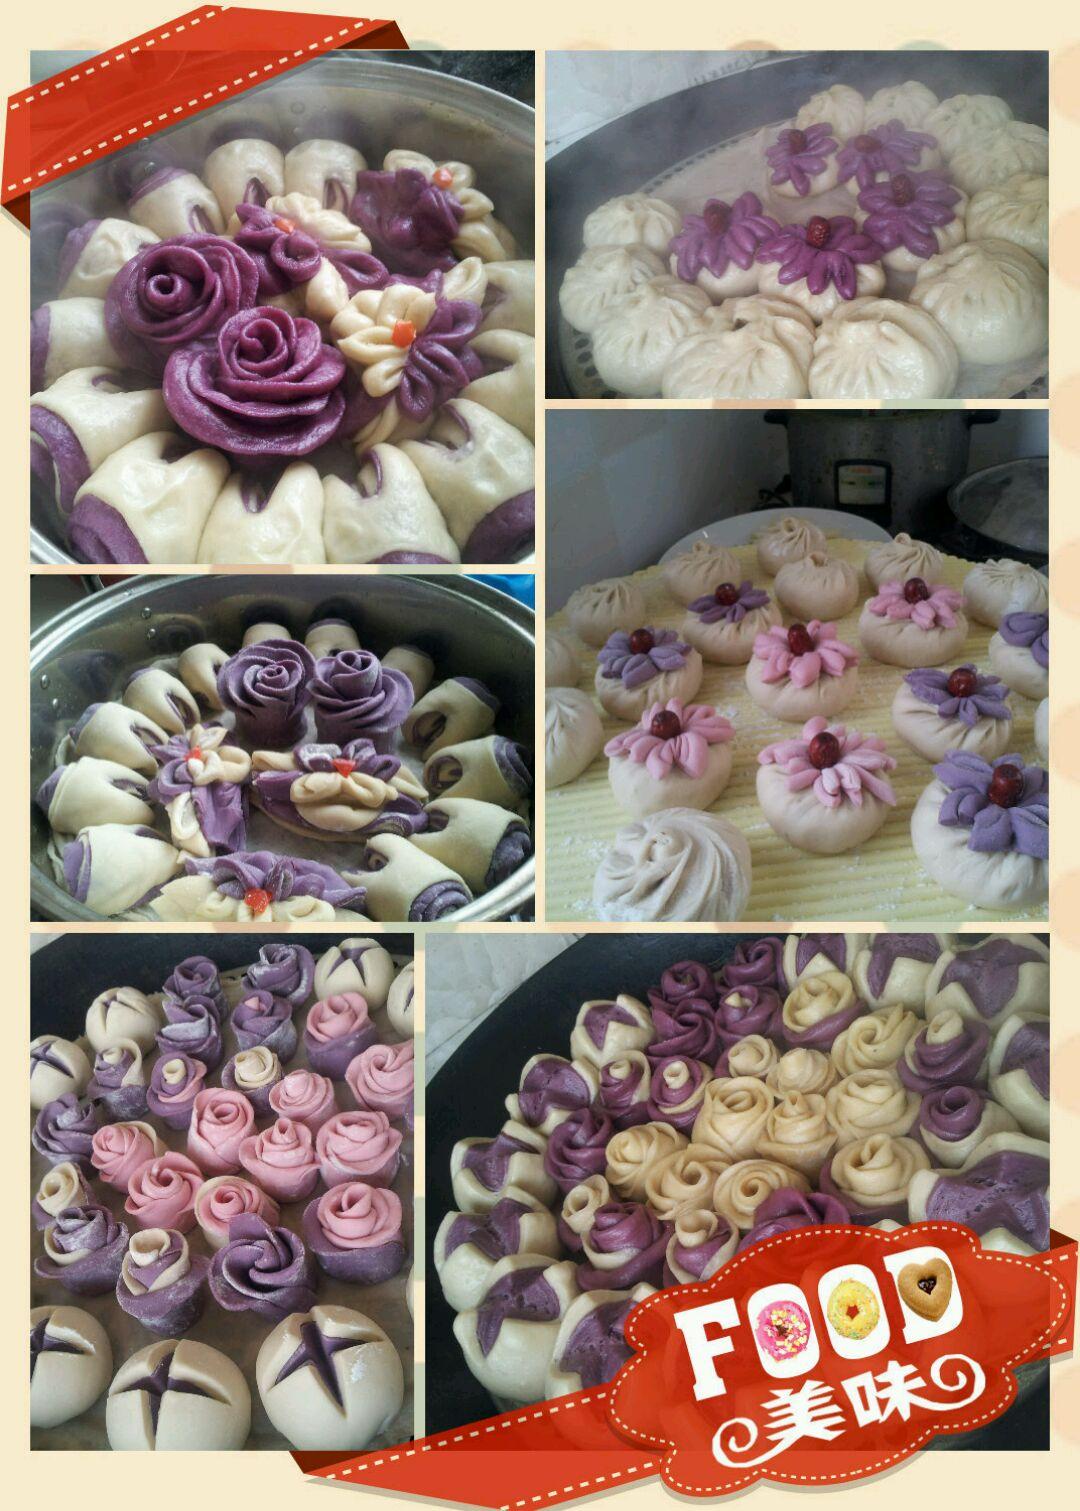 紫薯花样包子火龙果馒头的做法_【图解】紫薯花样包子